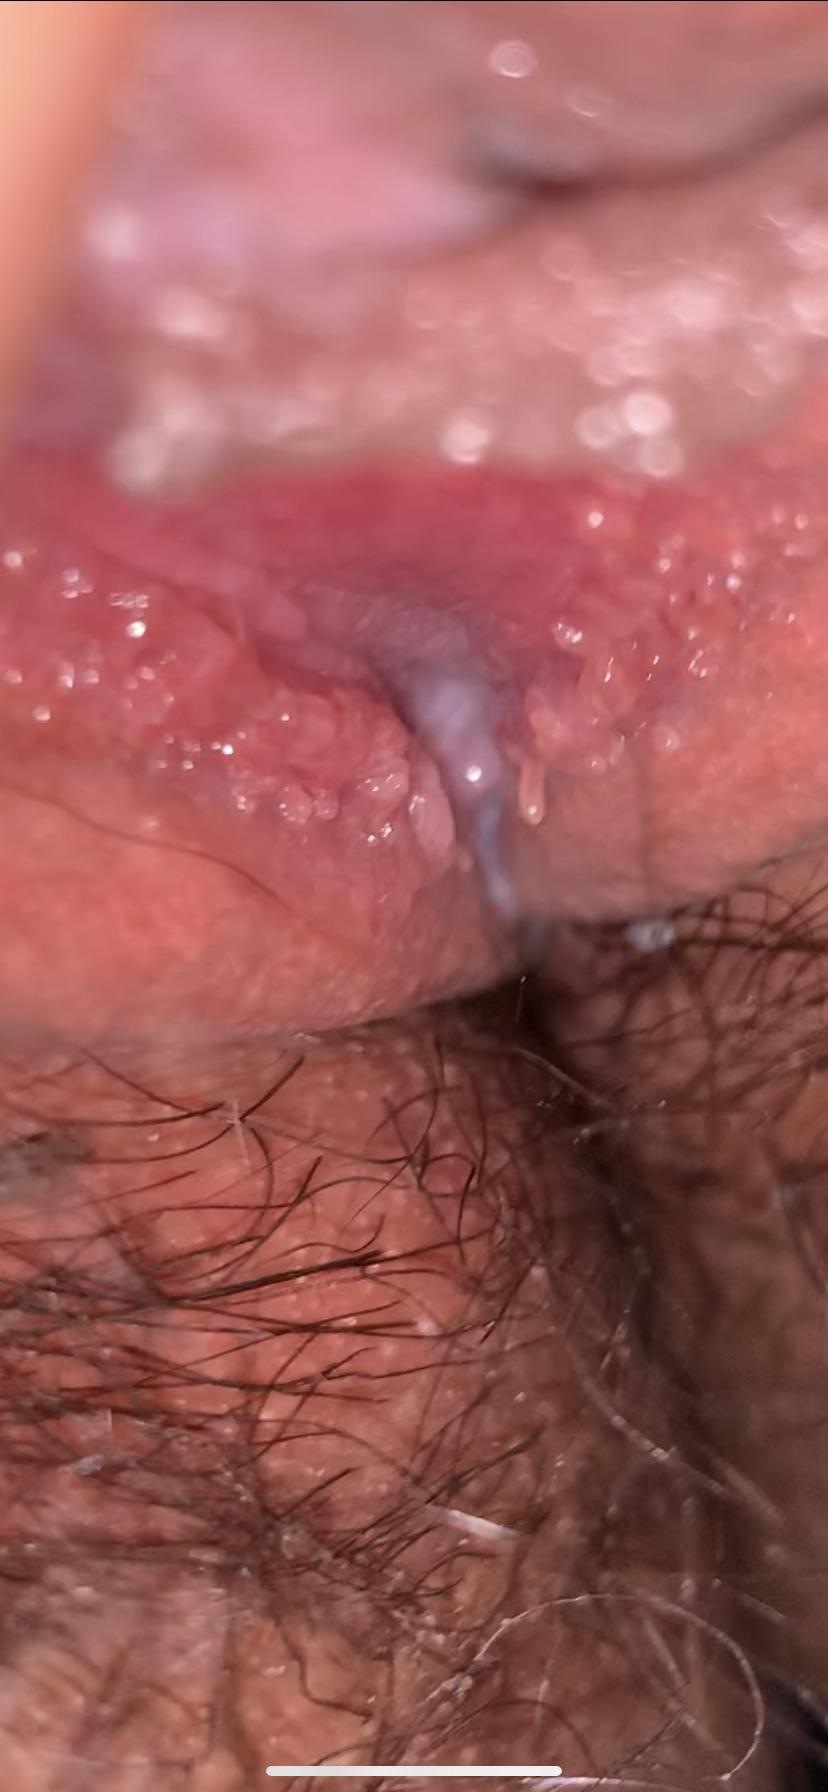 vestibular papillae itching